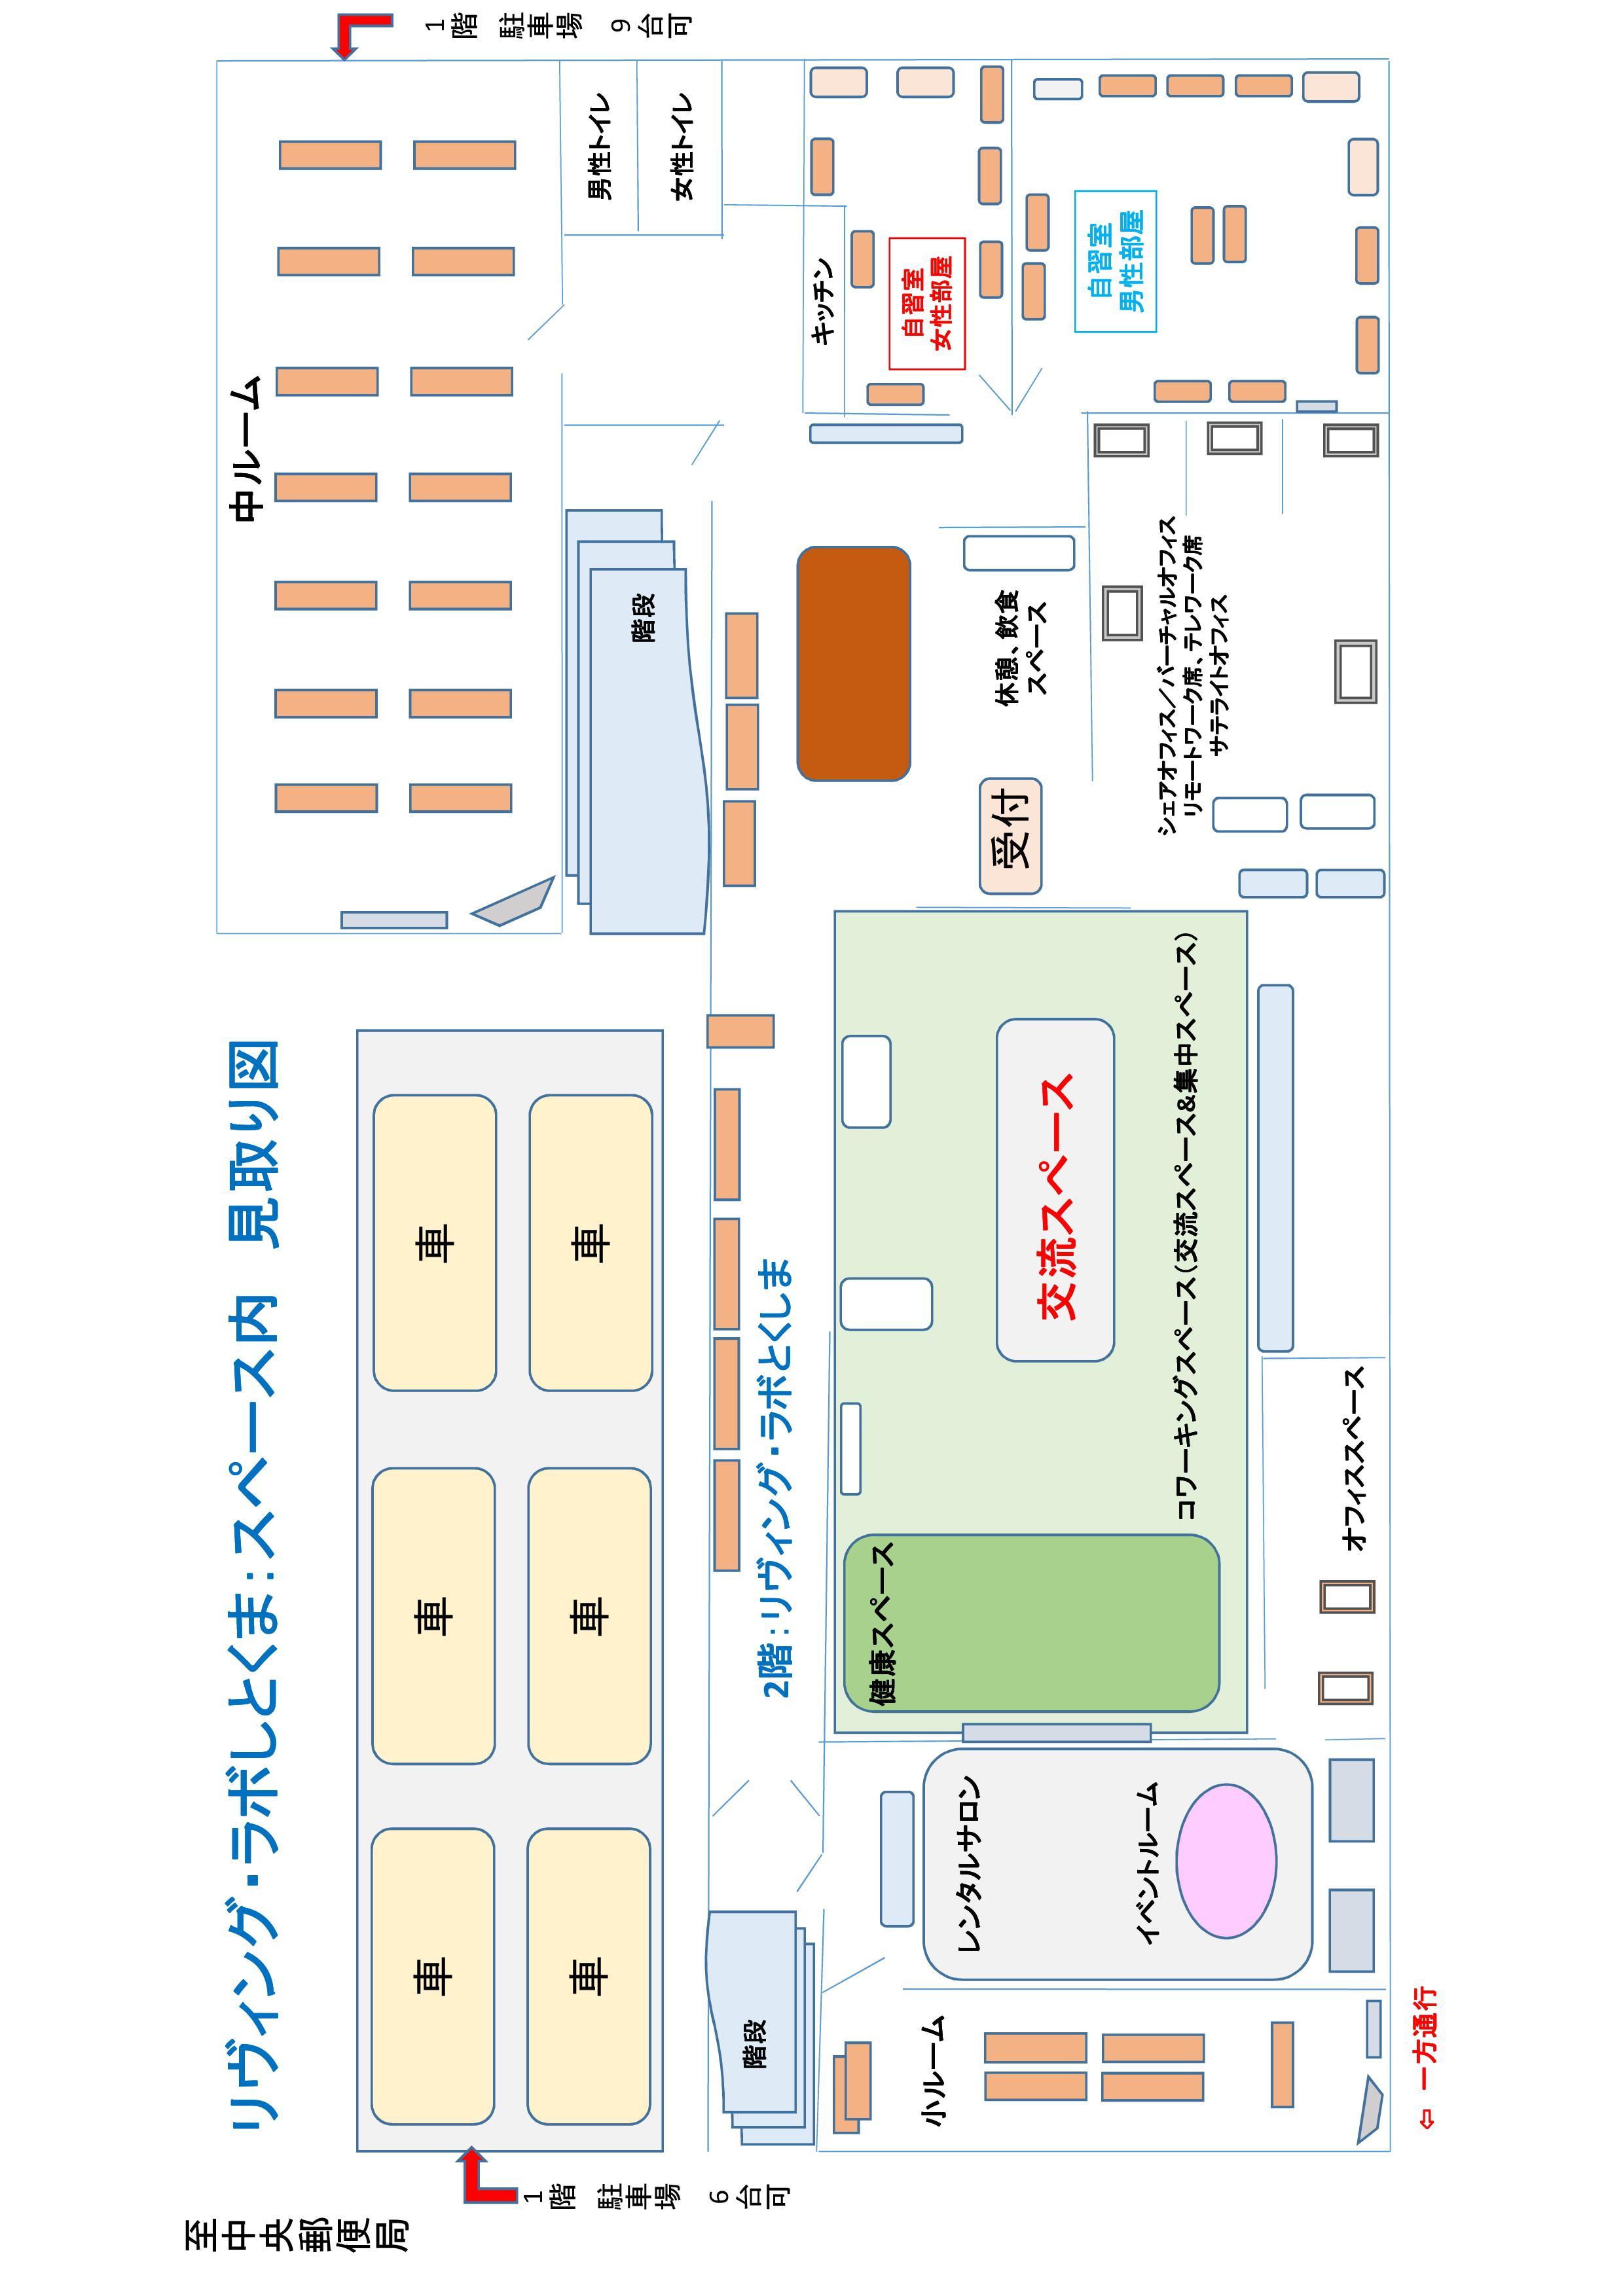 コワーキングスペース シェアオフィス バーチャルオフィス